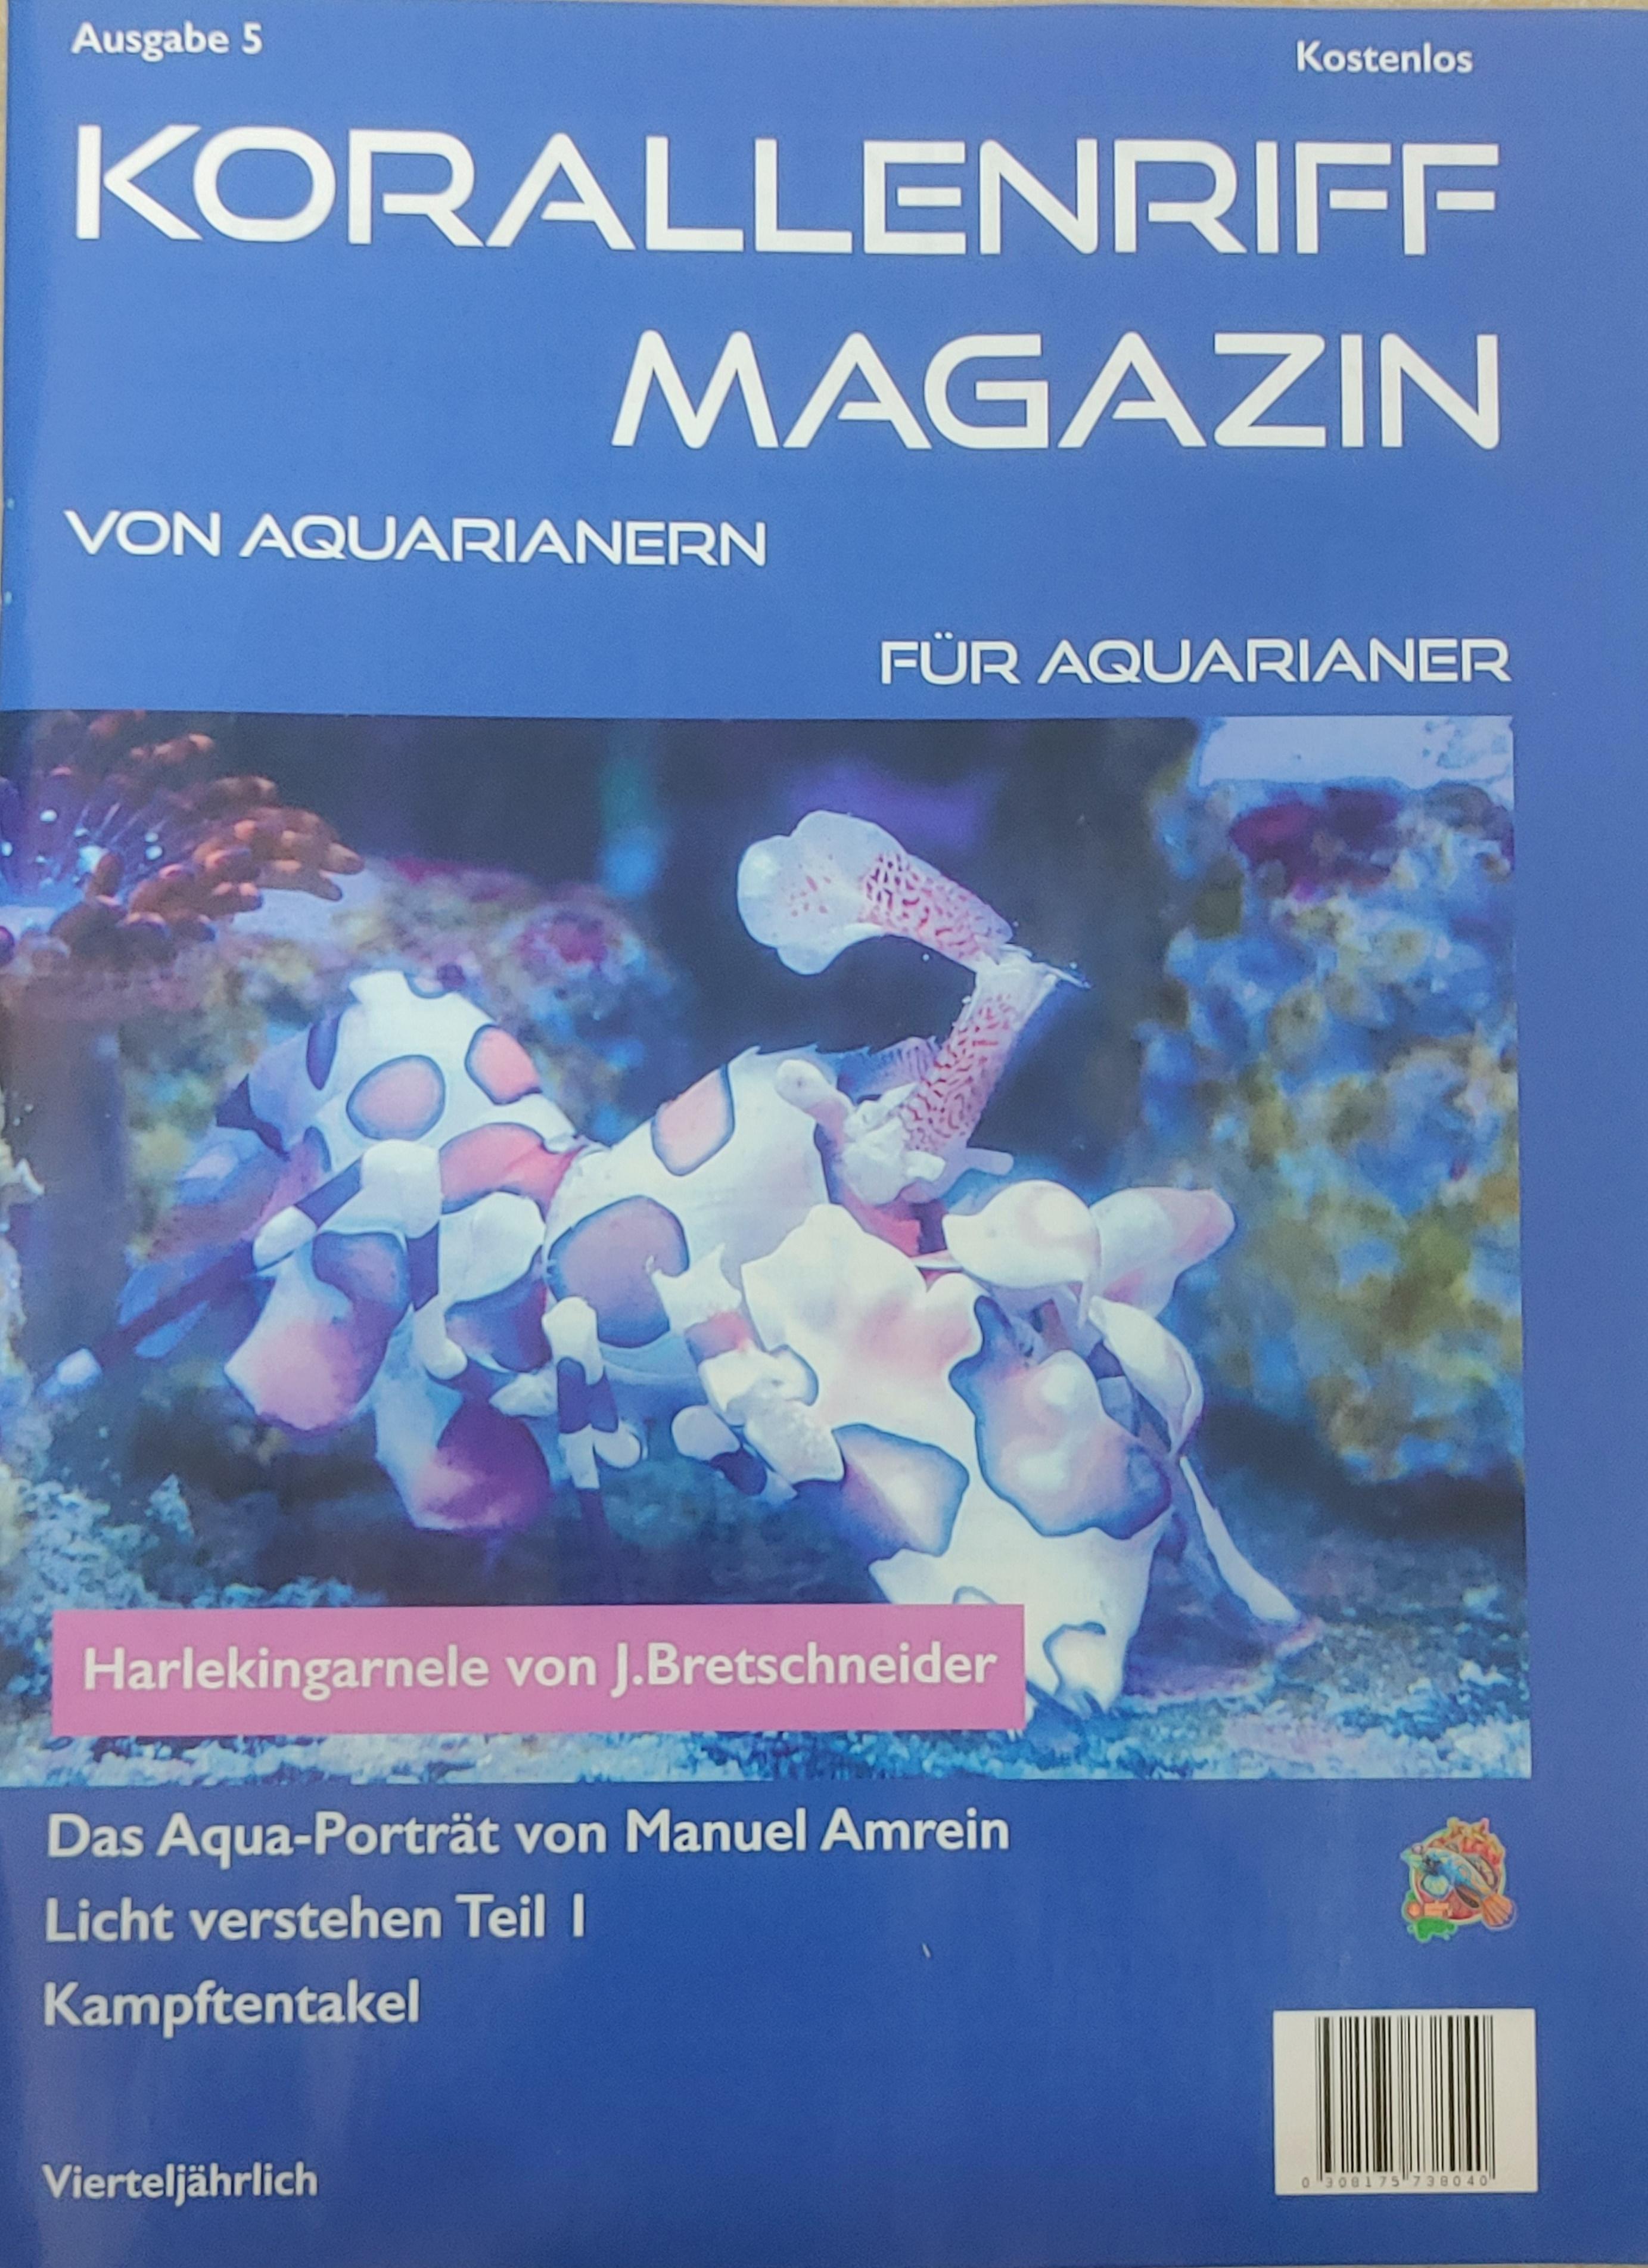 Korallenriff Magazin - Ausgabe 5